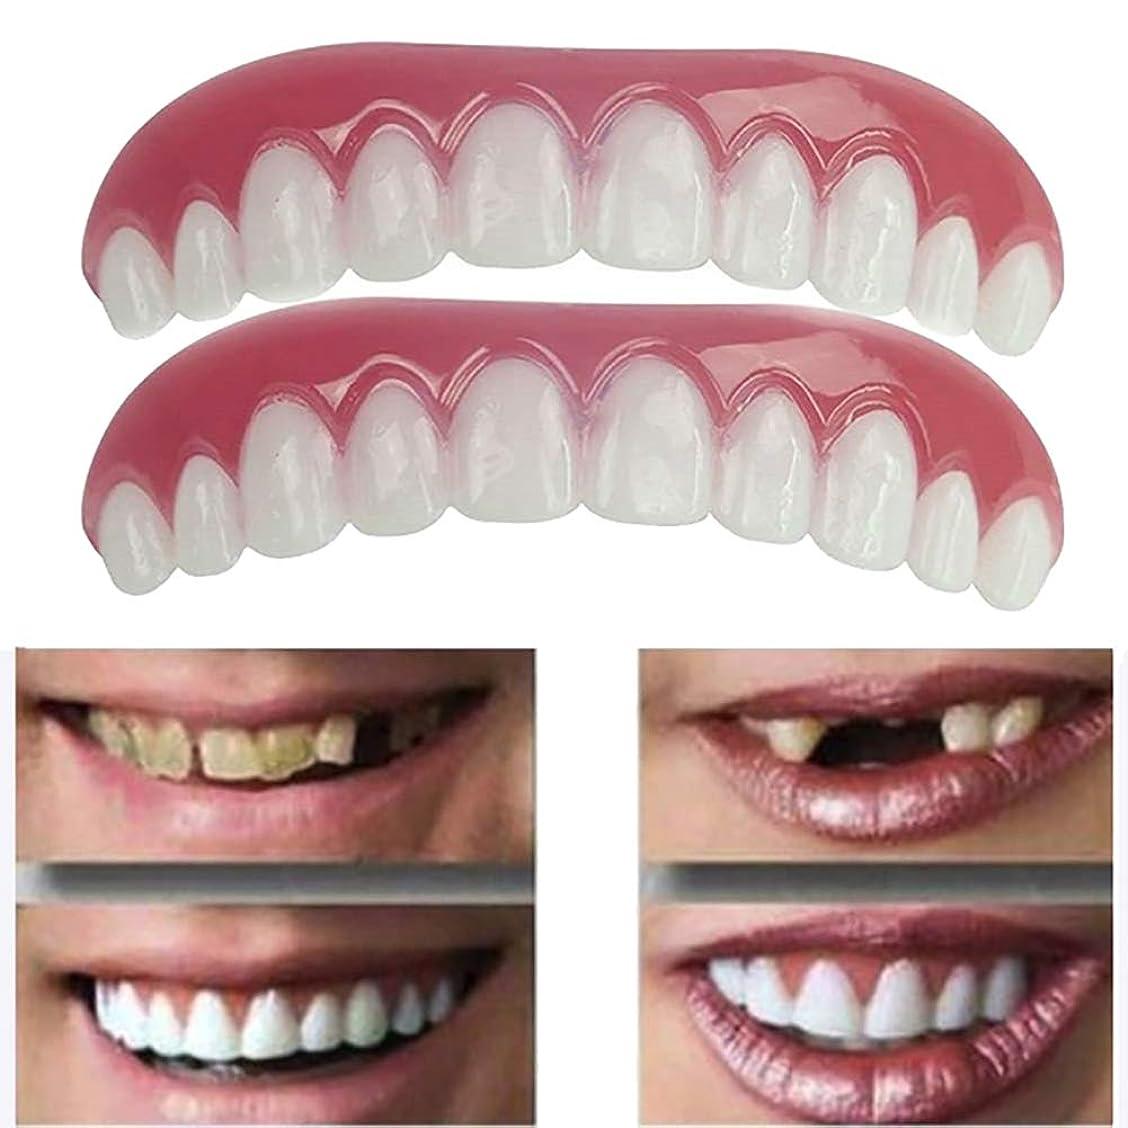 遷移代理人家主シリコーン偽の歯アッパー偽の歯のカバー安全なインスタント笑顔化粧品ノベルティ歯 - ワンサイズが最もフィット(5ペア)